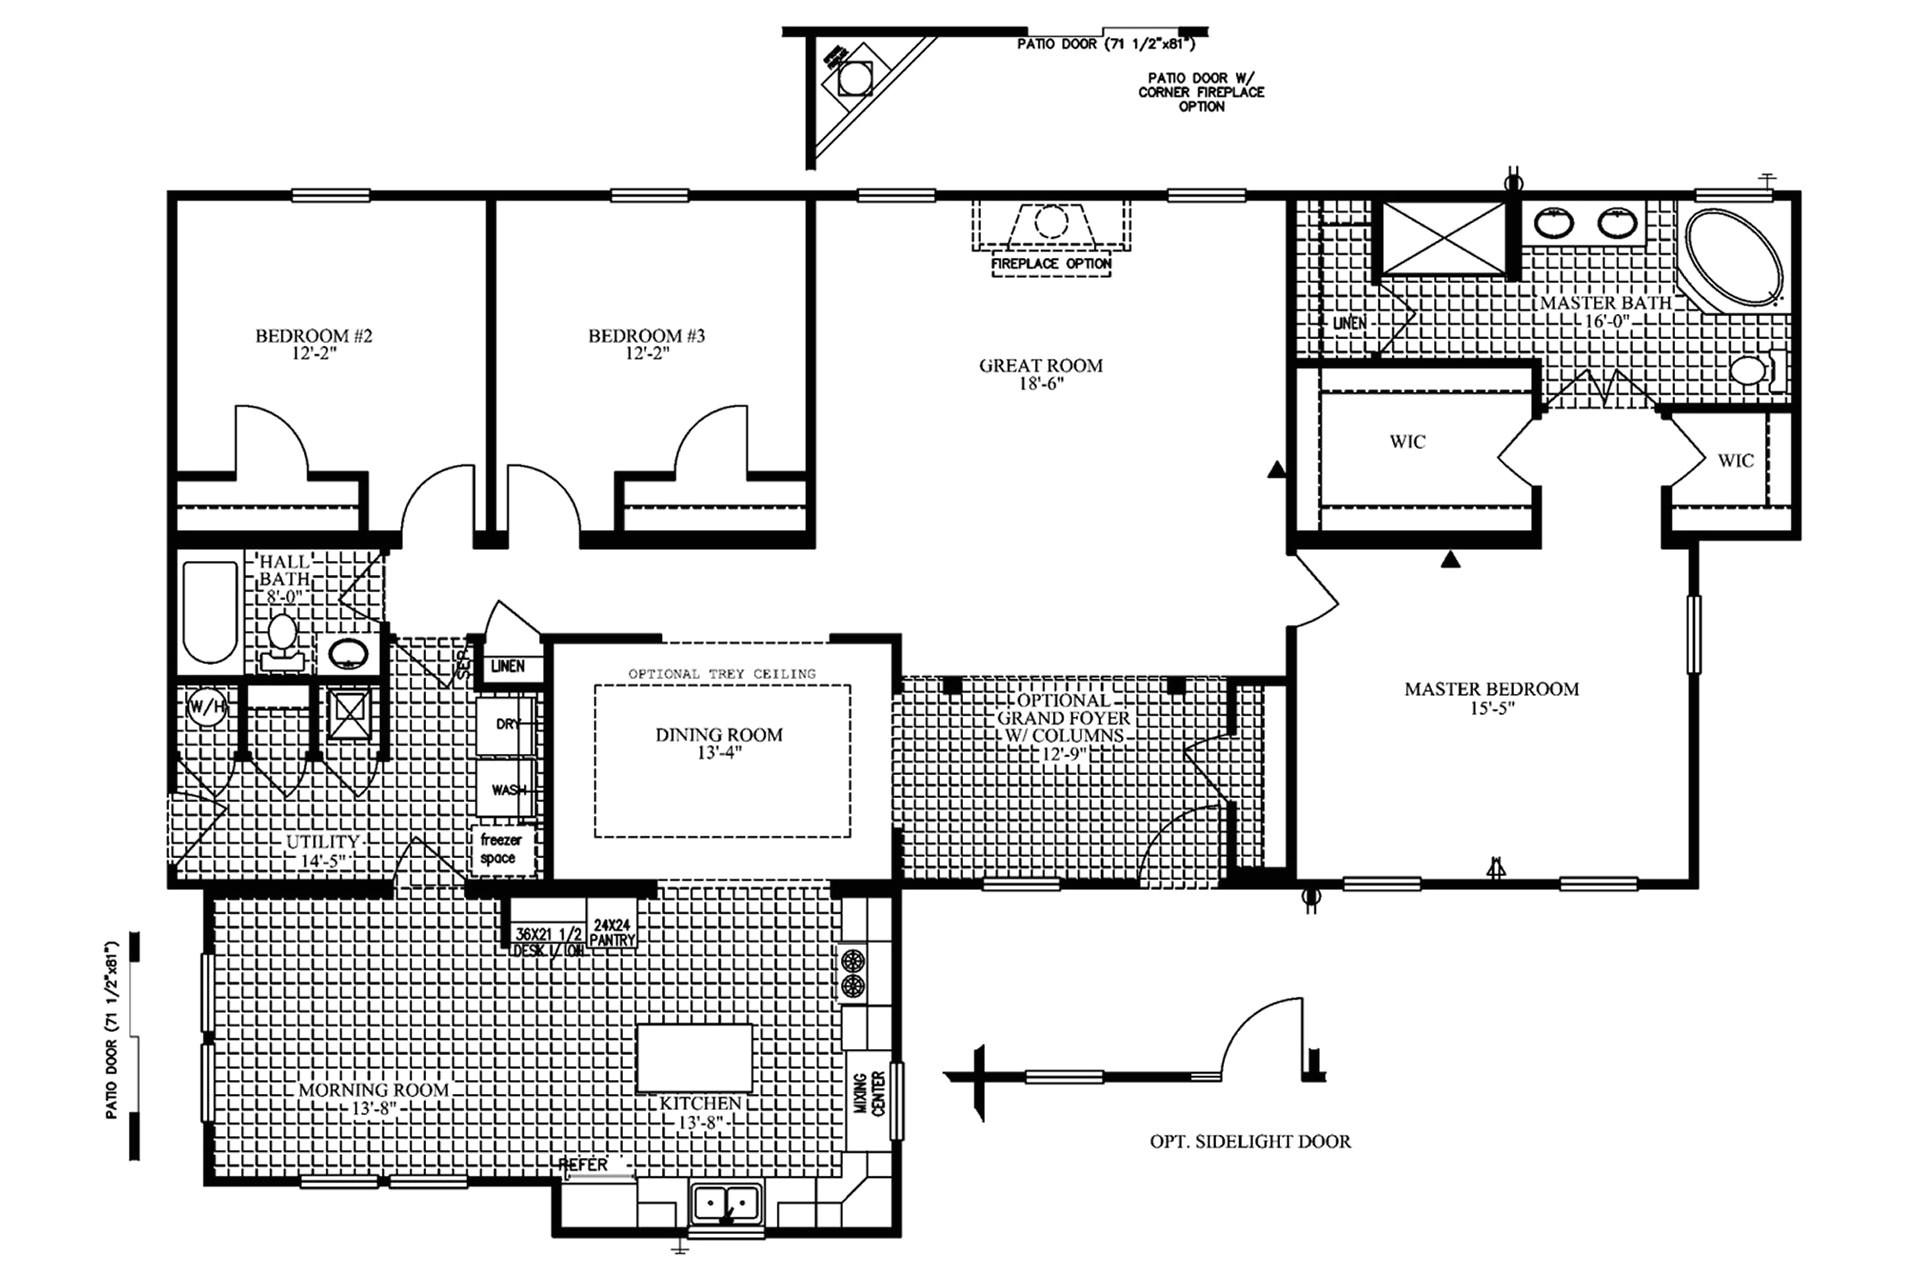 manufacturedhomefloorplan floorplan 3187 state va city fieldale